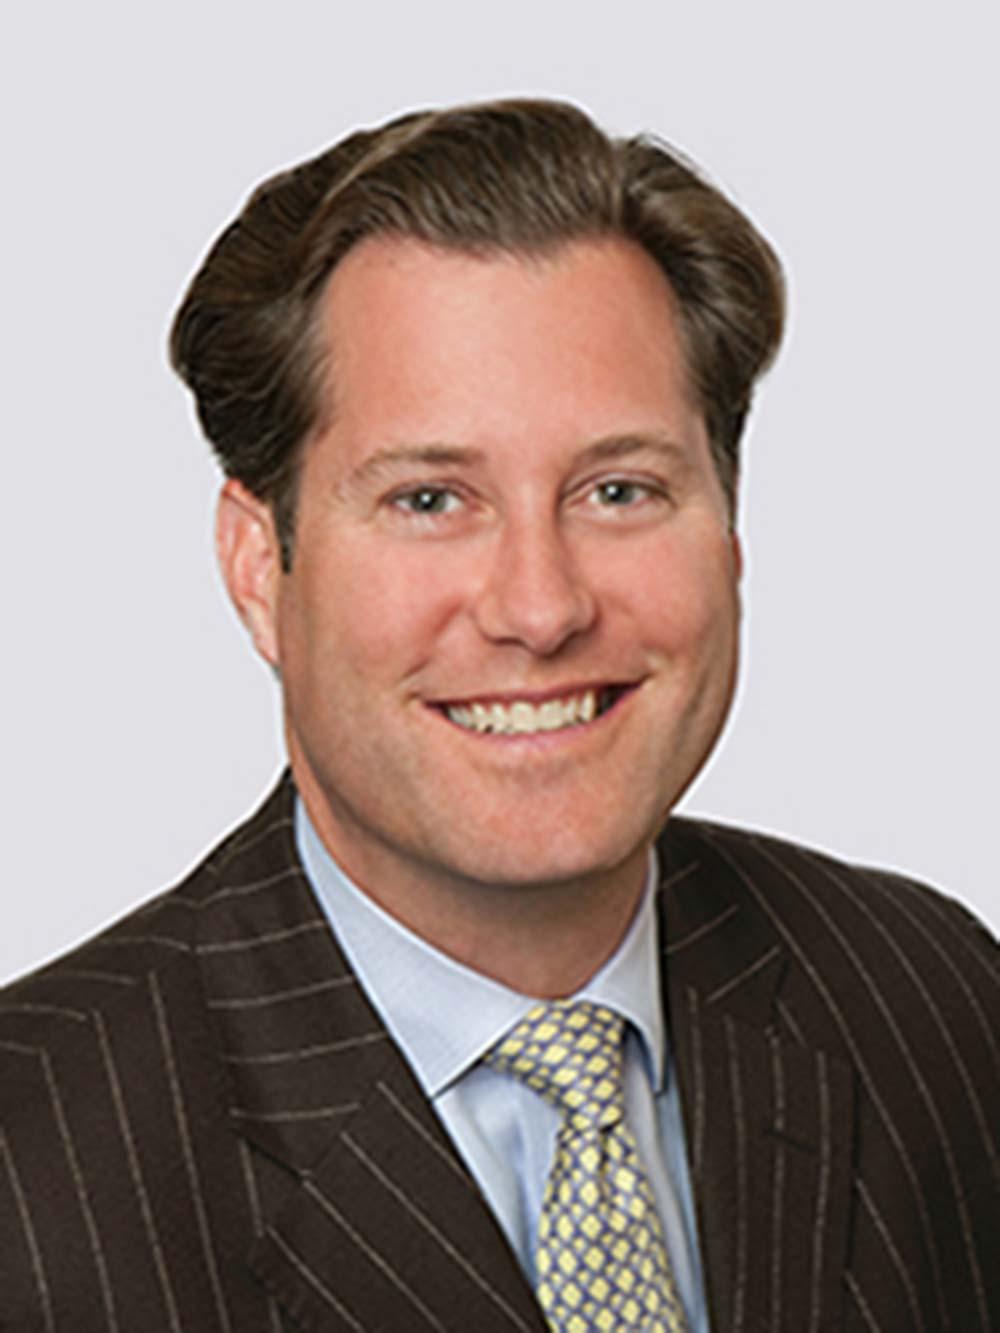 Patrick Barber